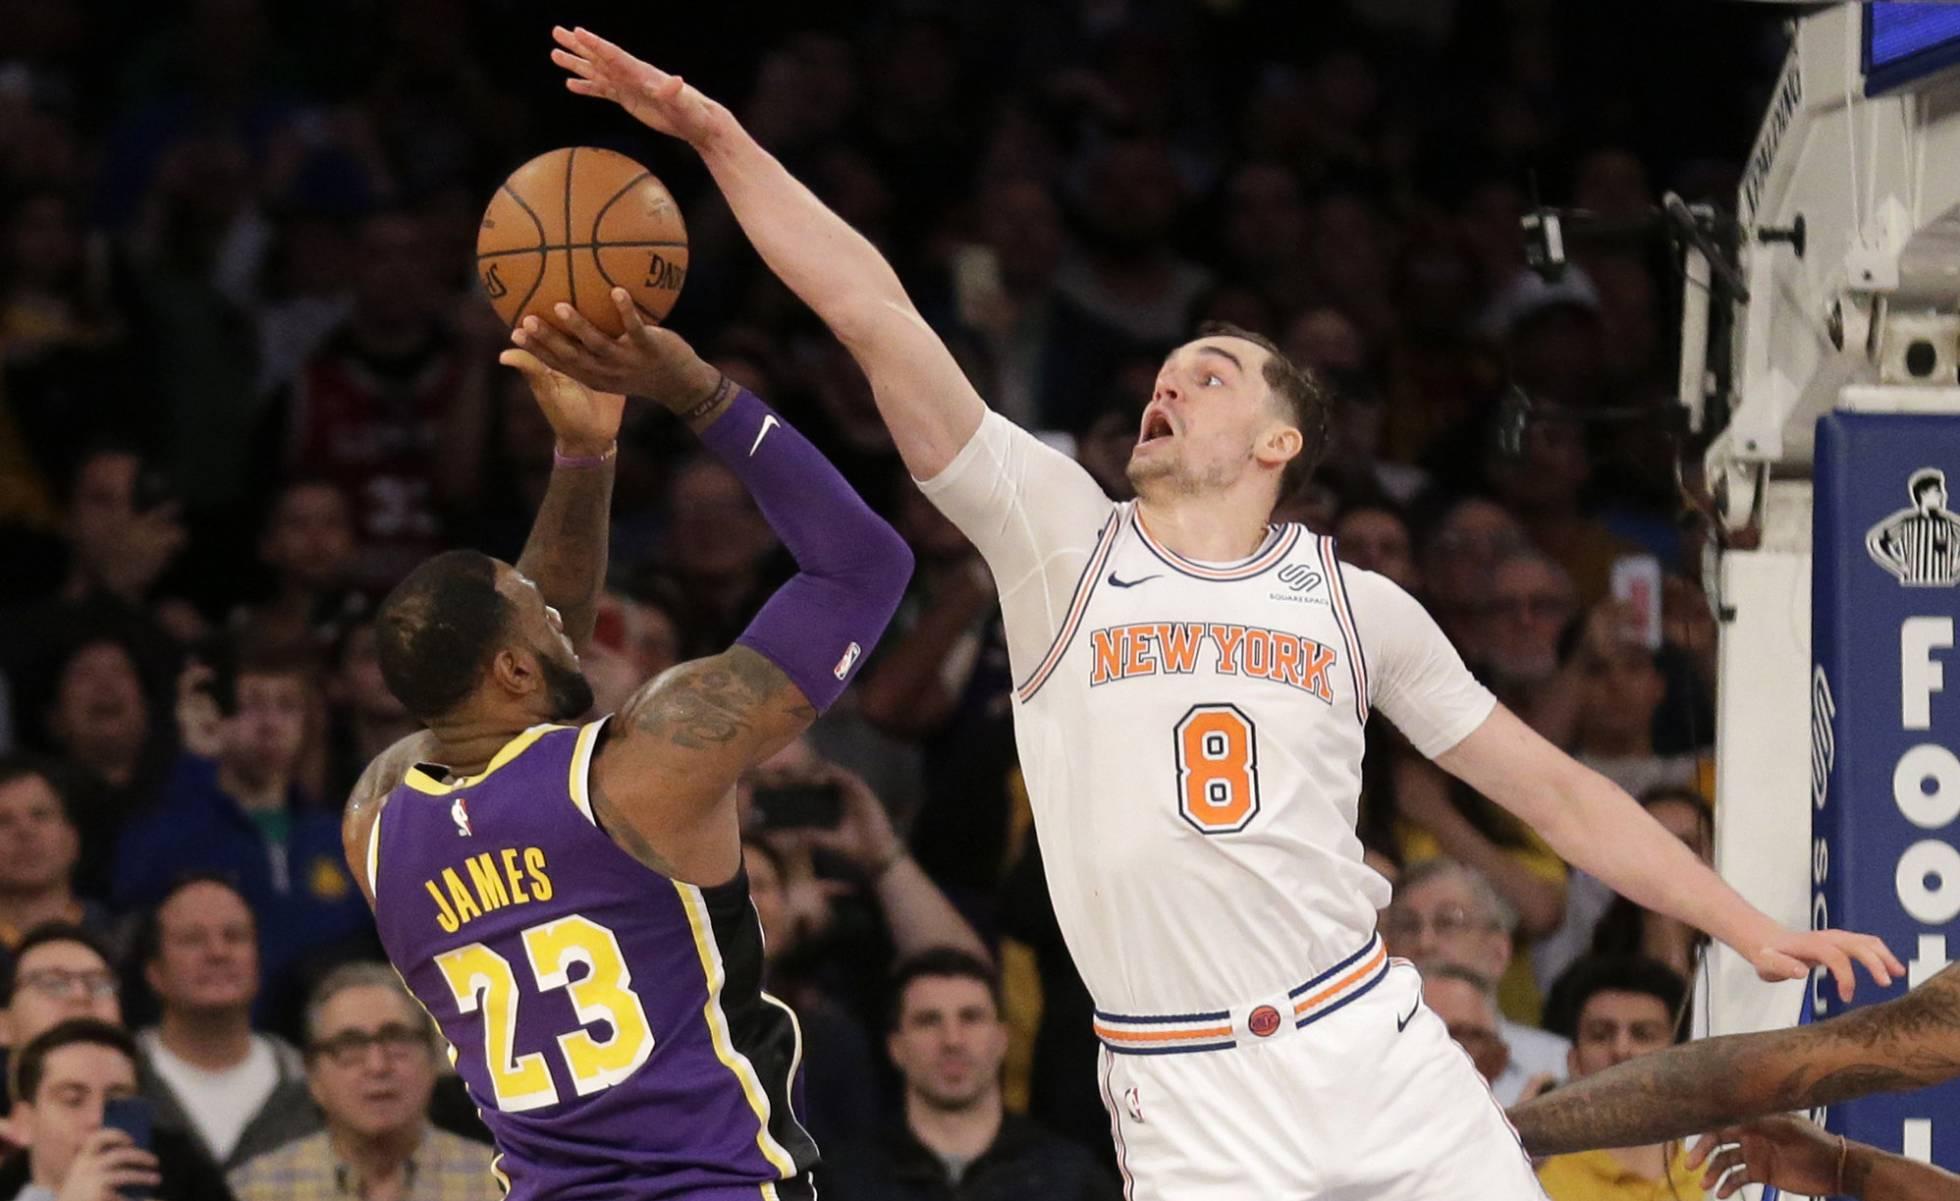 Un tapón decisivo de Hezonja retrata el calvario de LeBron James